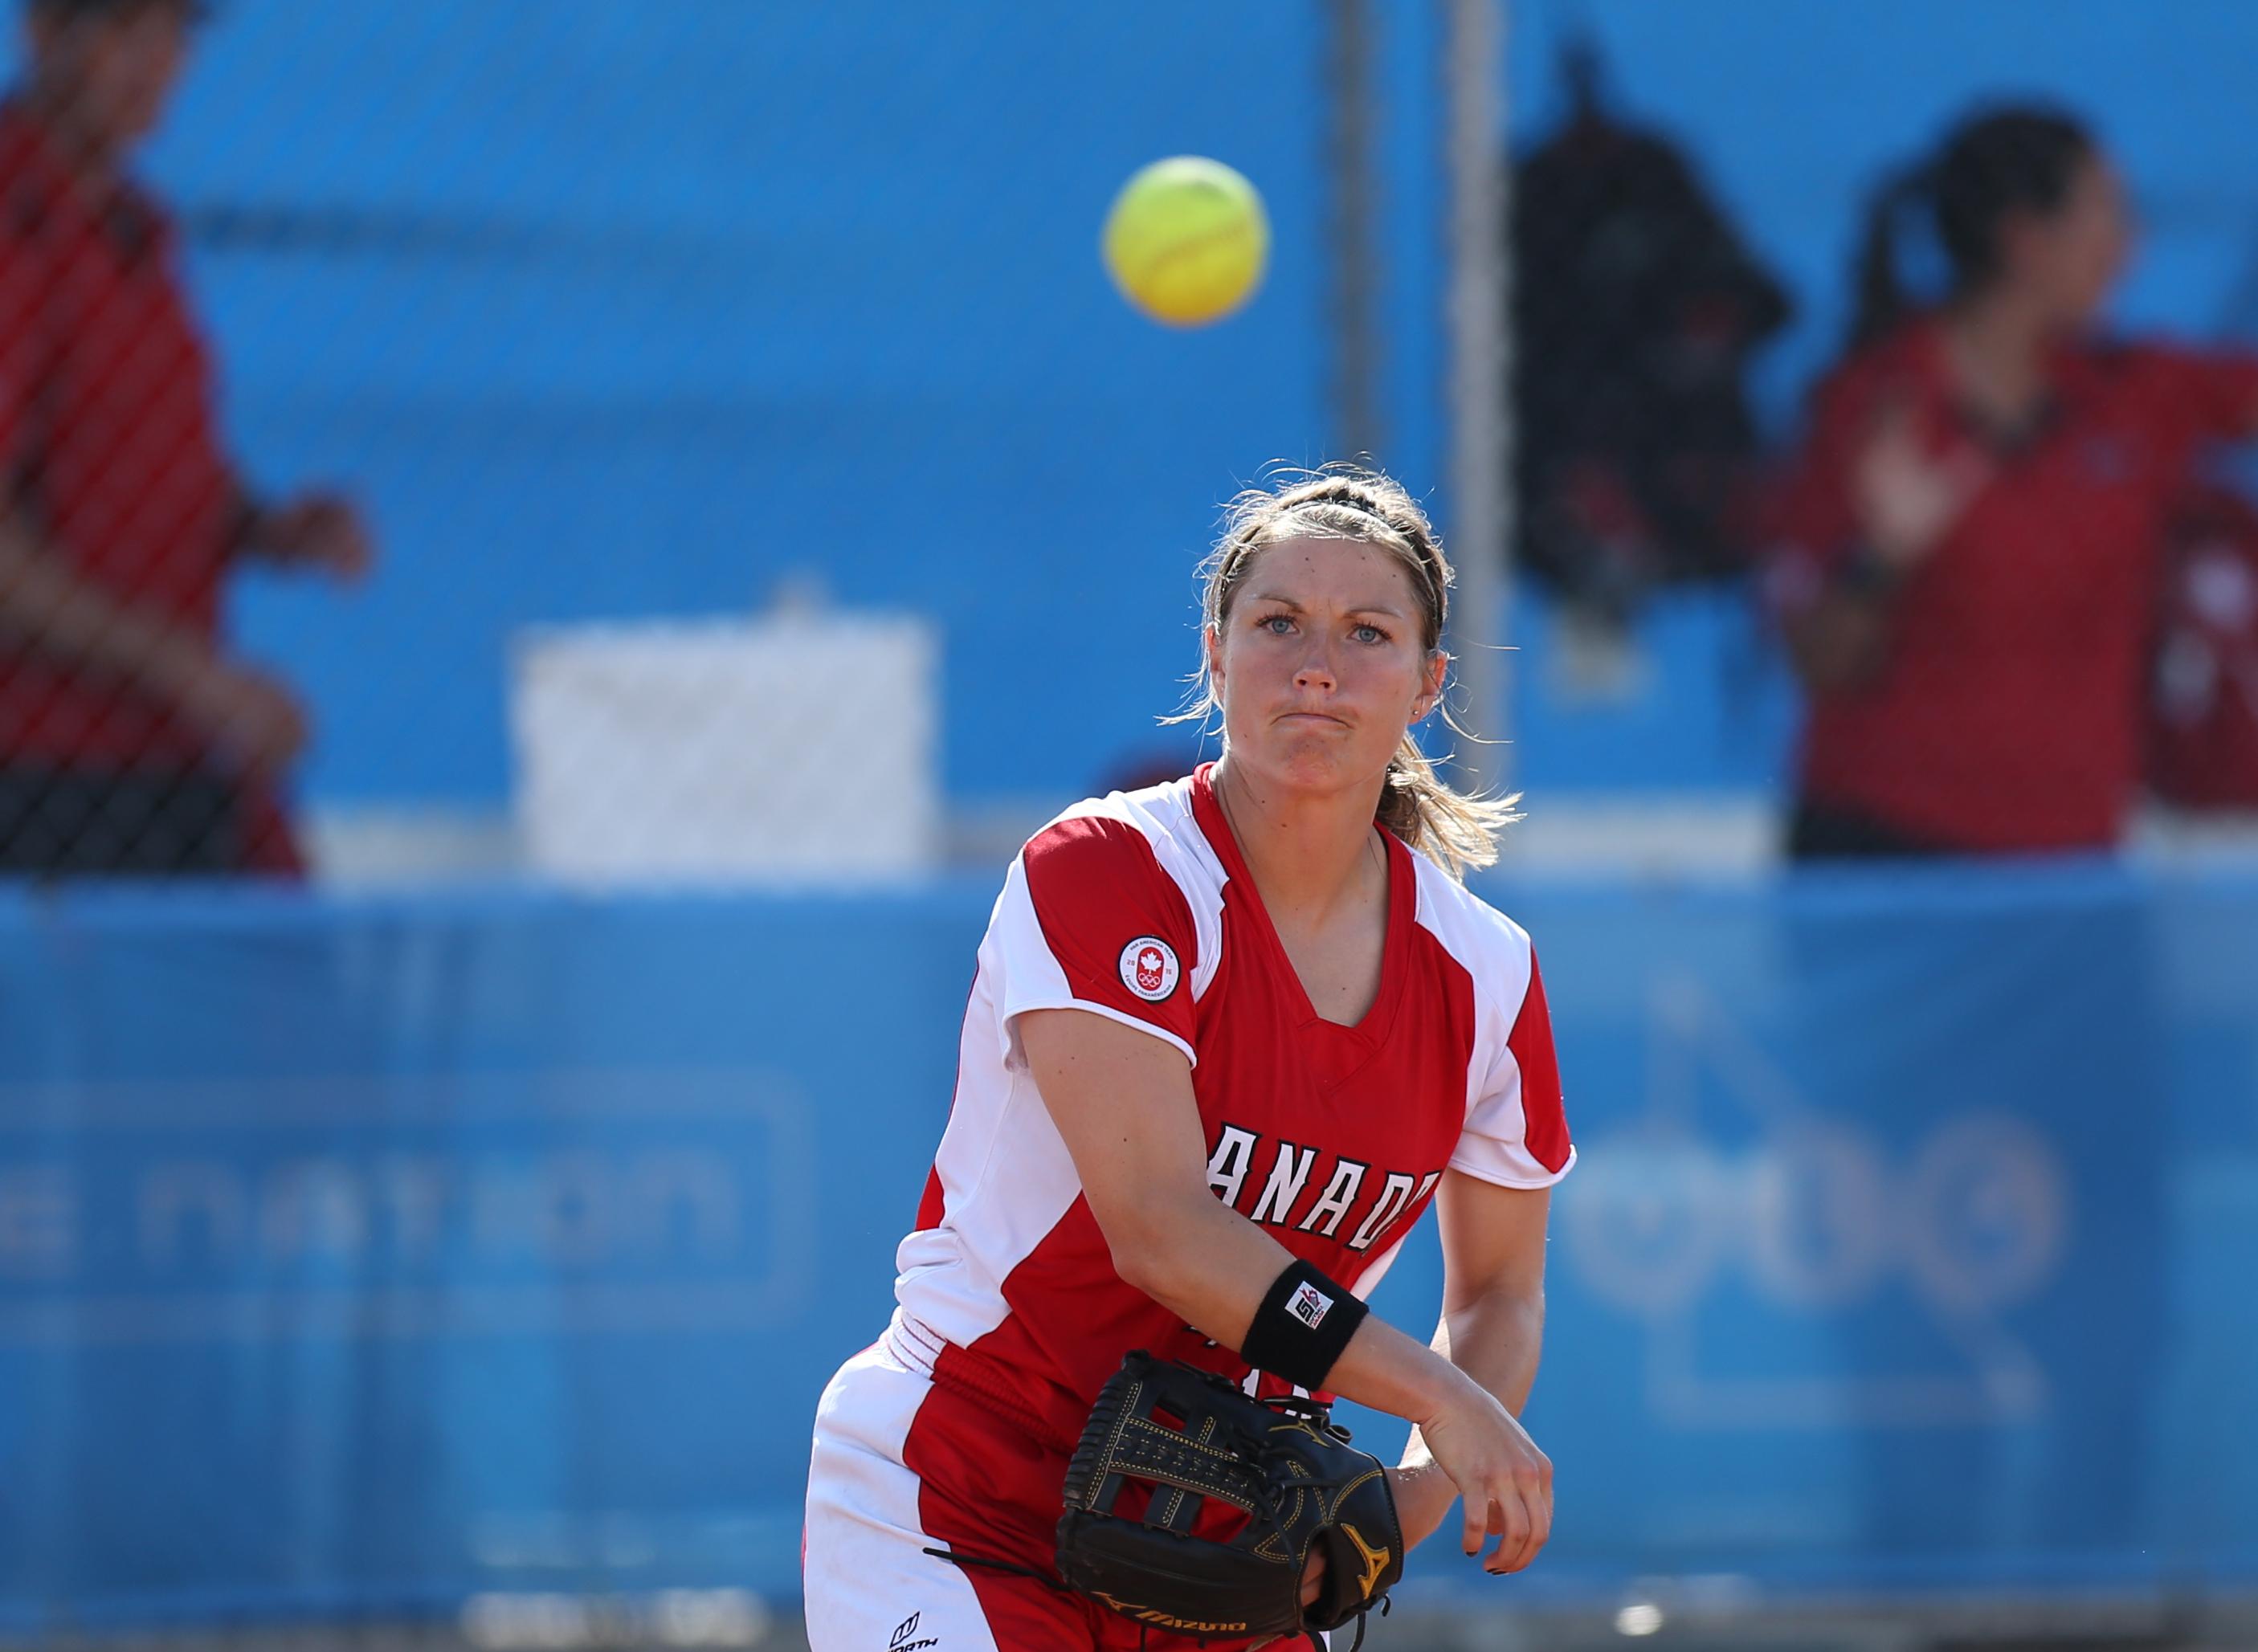 Player throwing softball